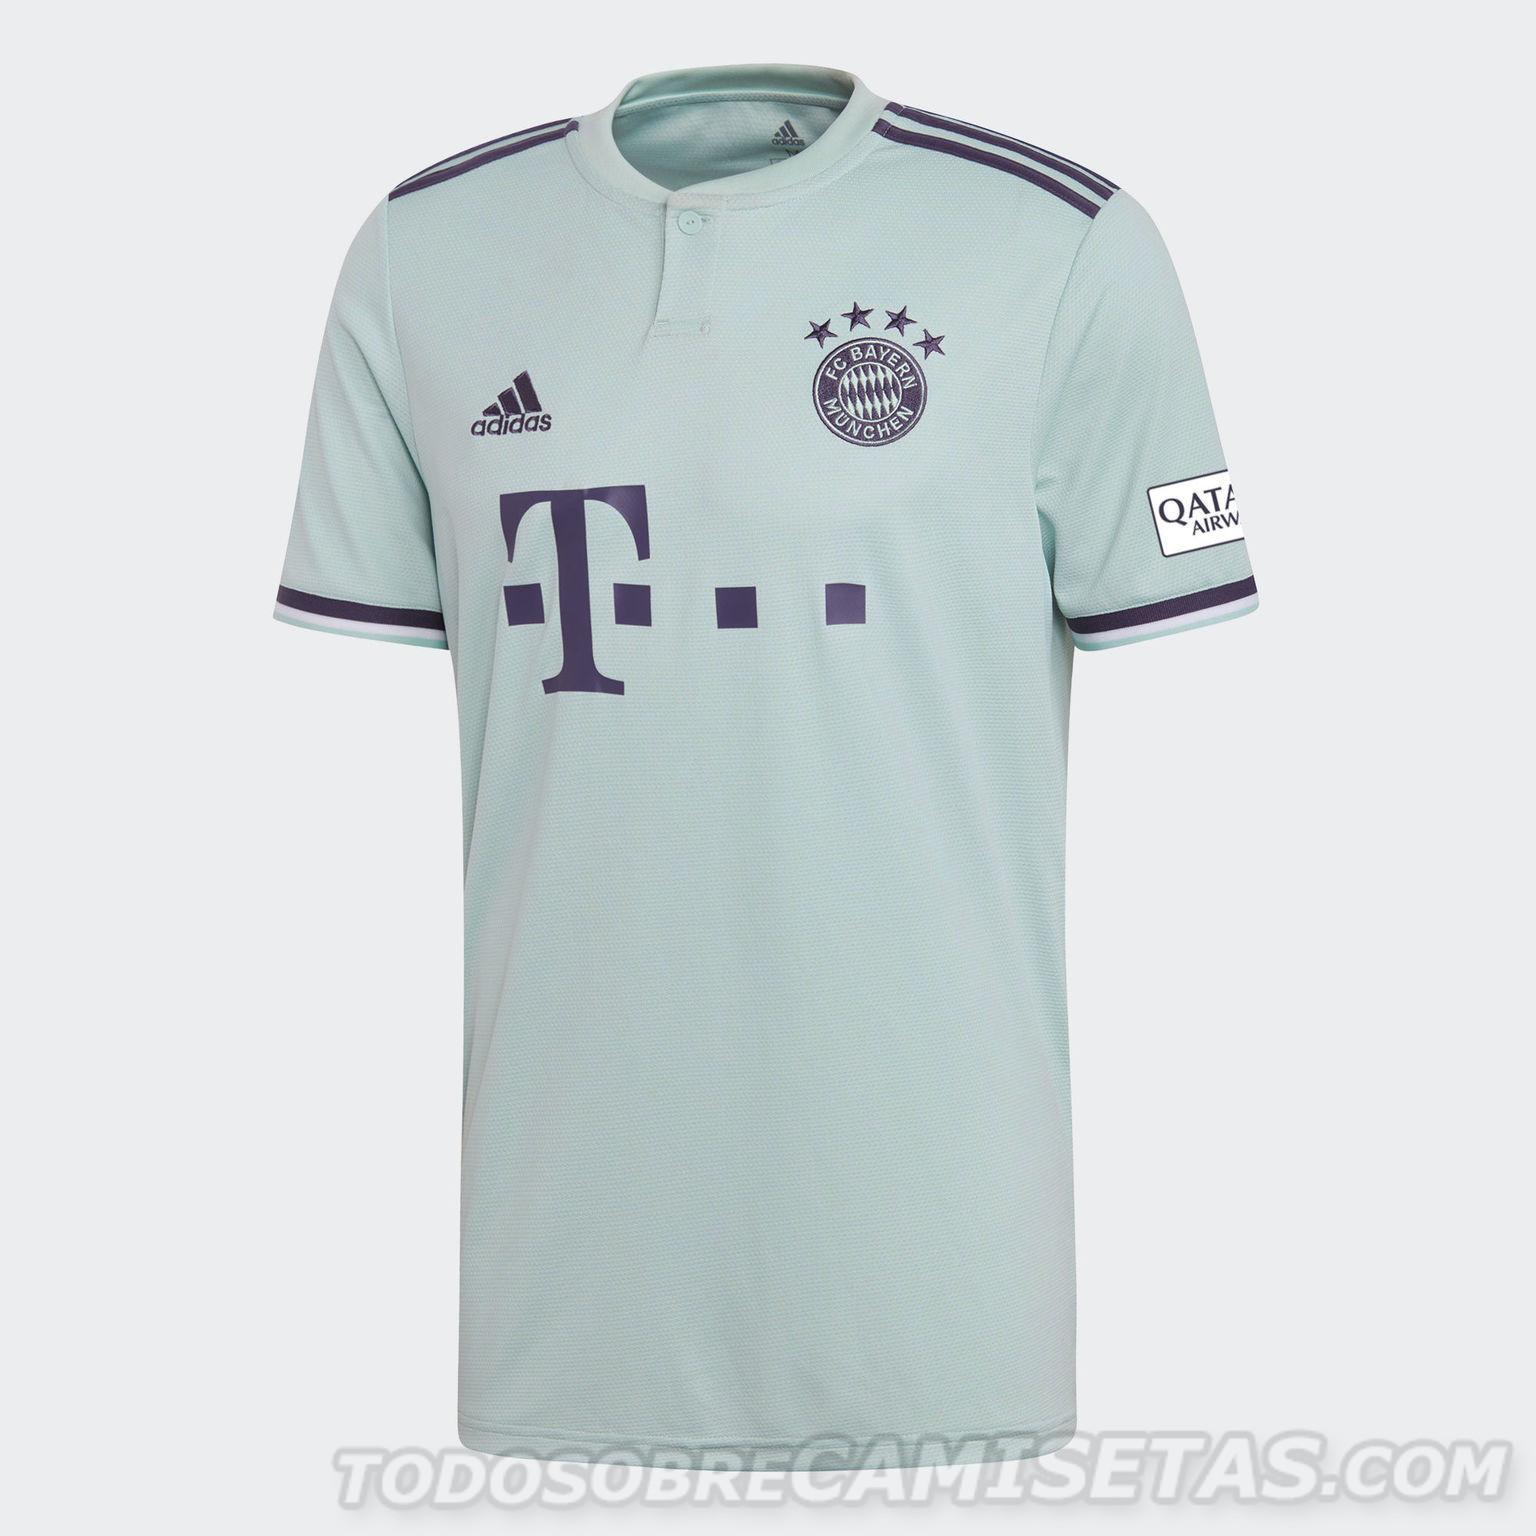 Bayern-Munich-2018-19-adidas-new-away-kit-3.jpg